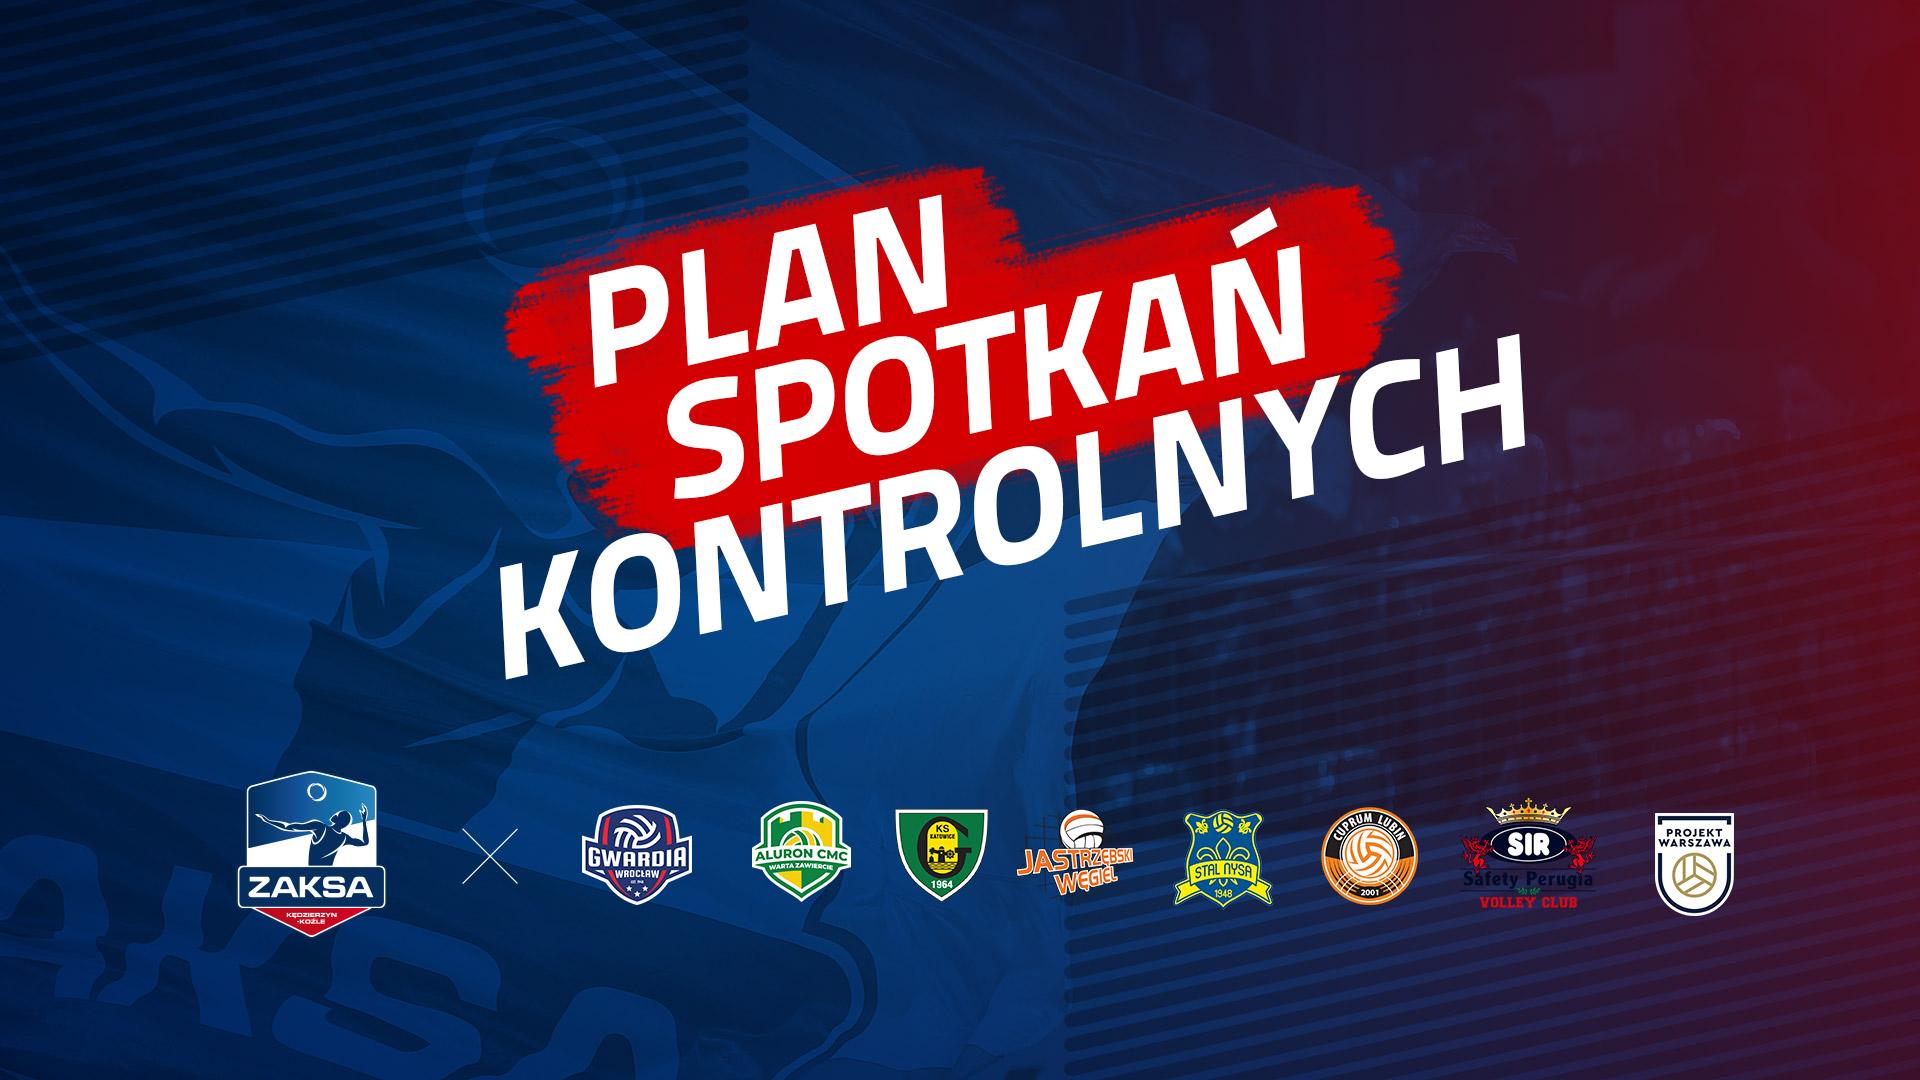 Przygotowania do sezonu  Grupy Azoty ZAKSA Kędzierzyn-Koźle – plan spotkań kontrolnych